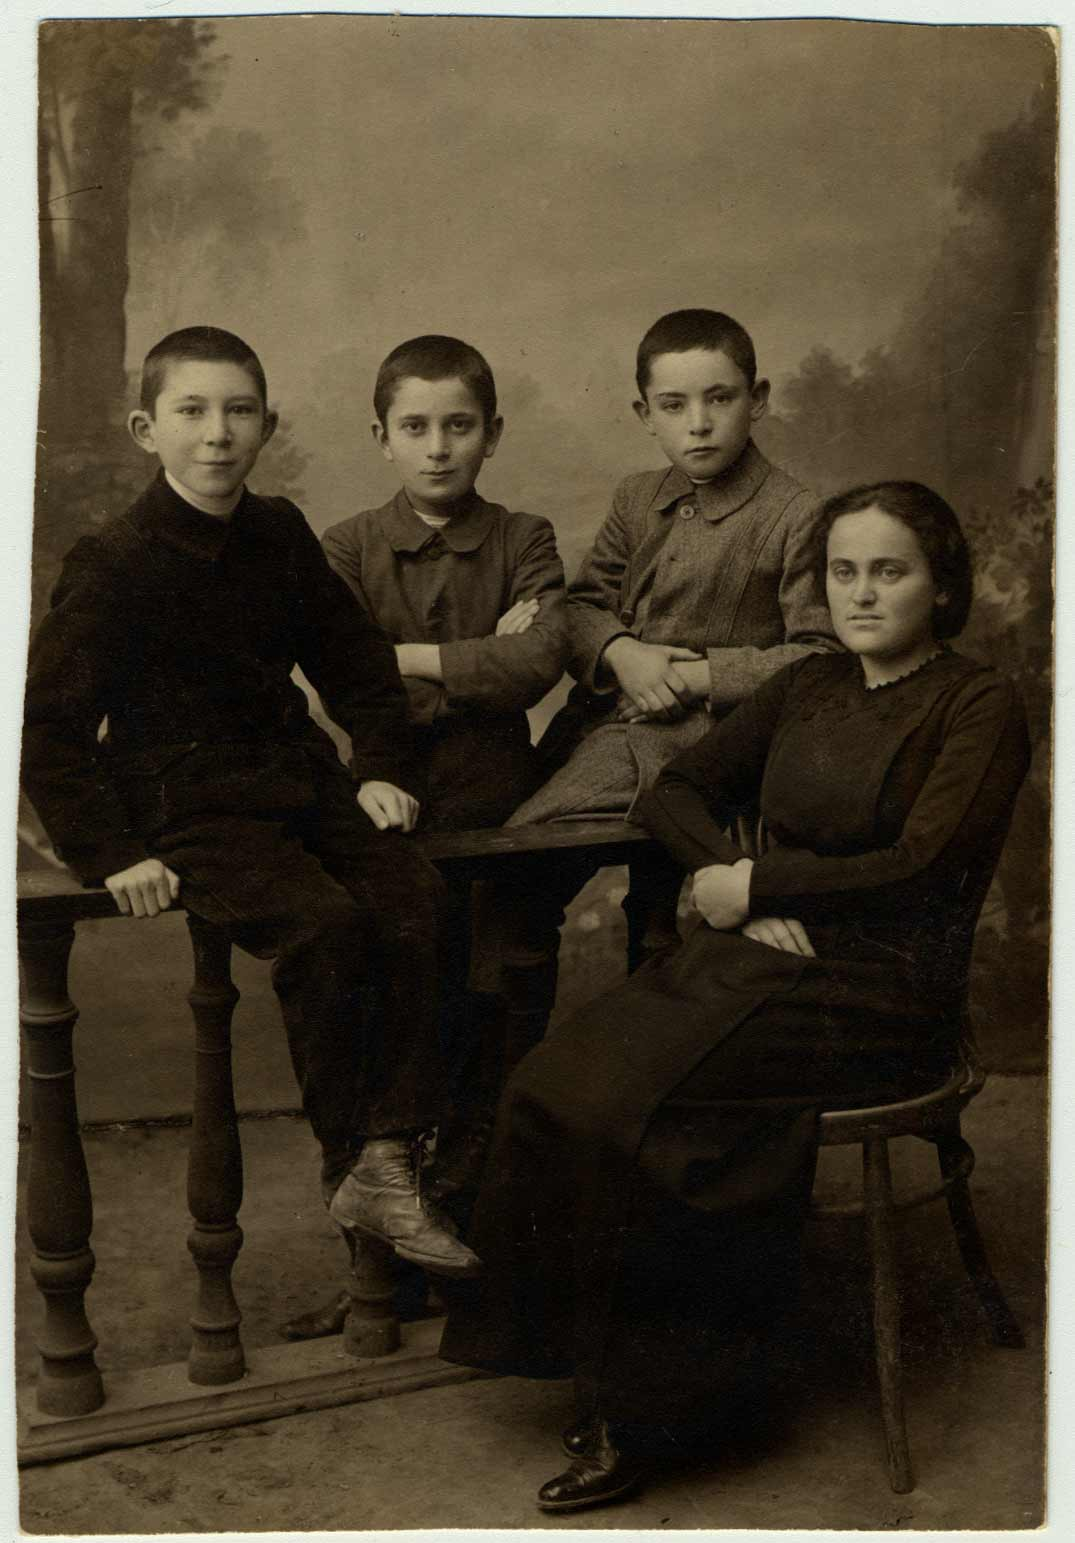 Ginda Rosenblatt est photographiée avec trois étudiants à Kiev.